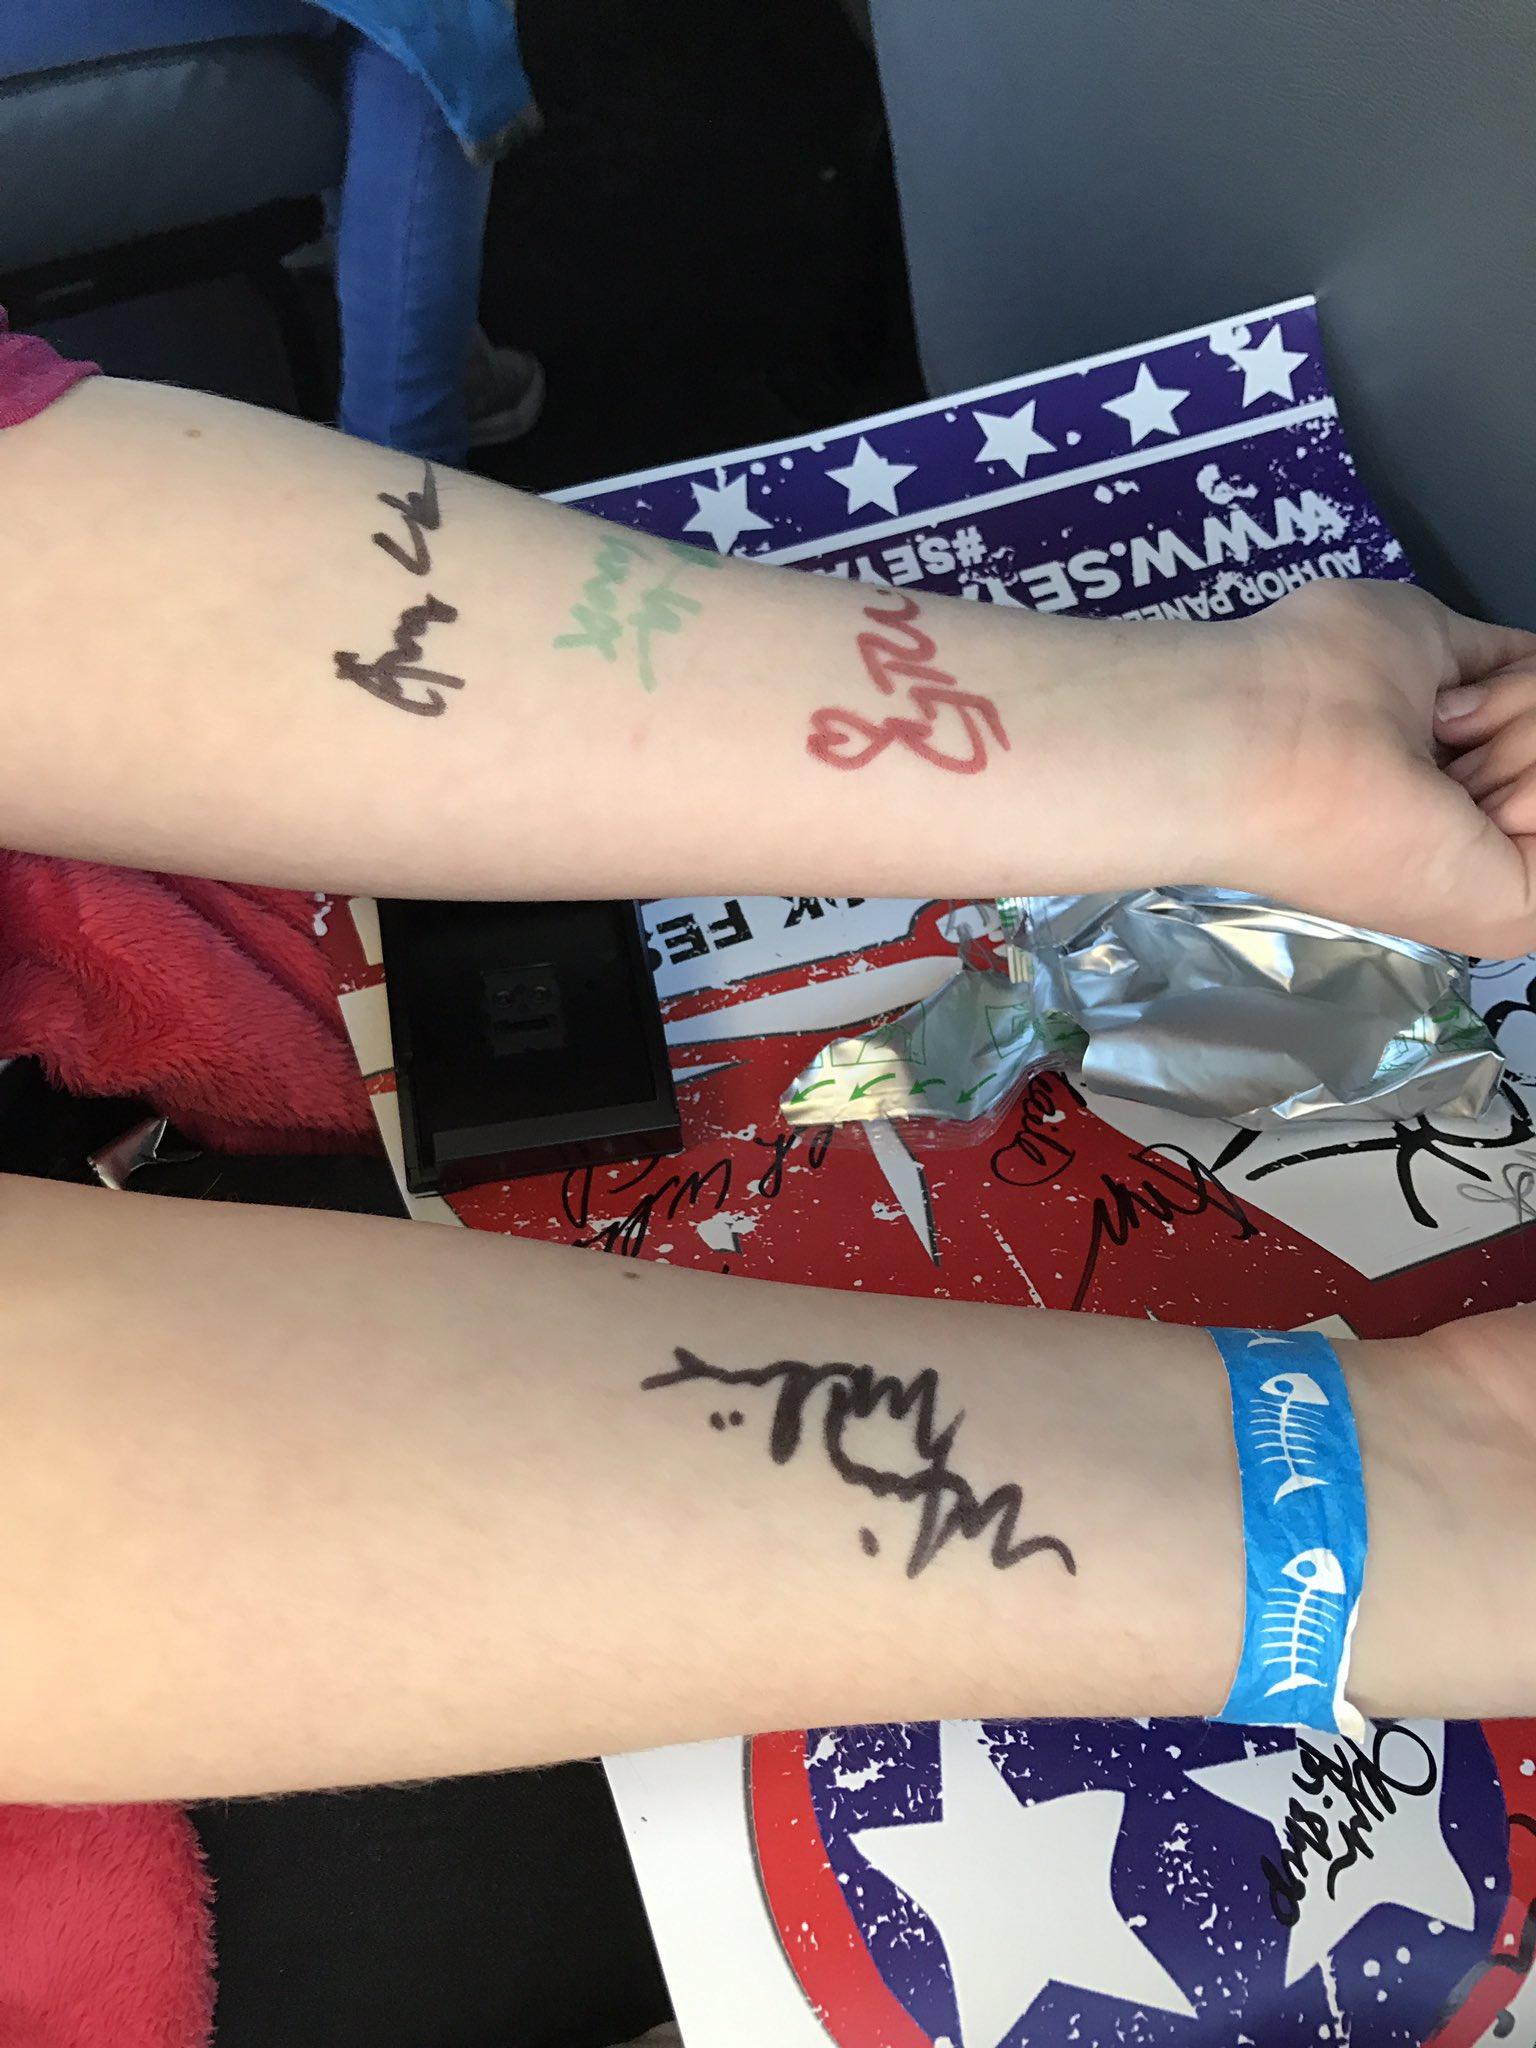 @MindyMcGinnis and @IWGregorio signed my arms...😬 https://t.co/szBu28y17w